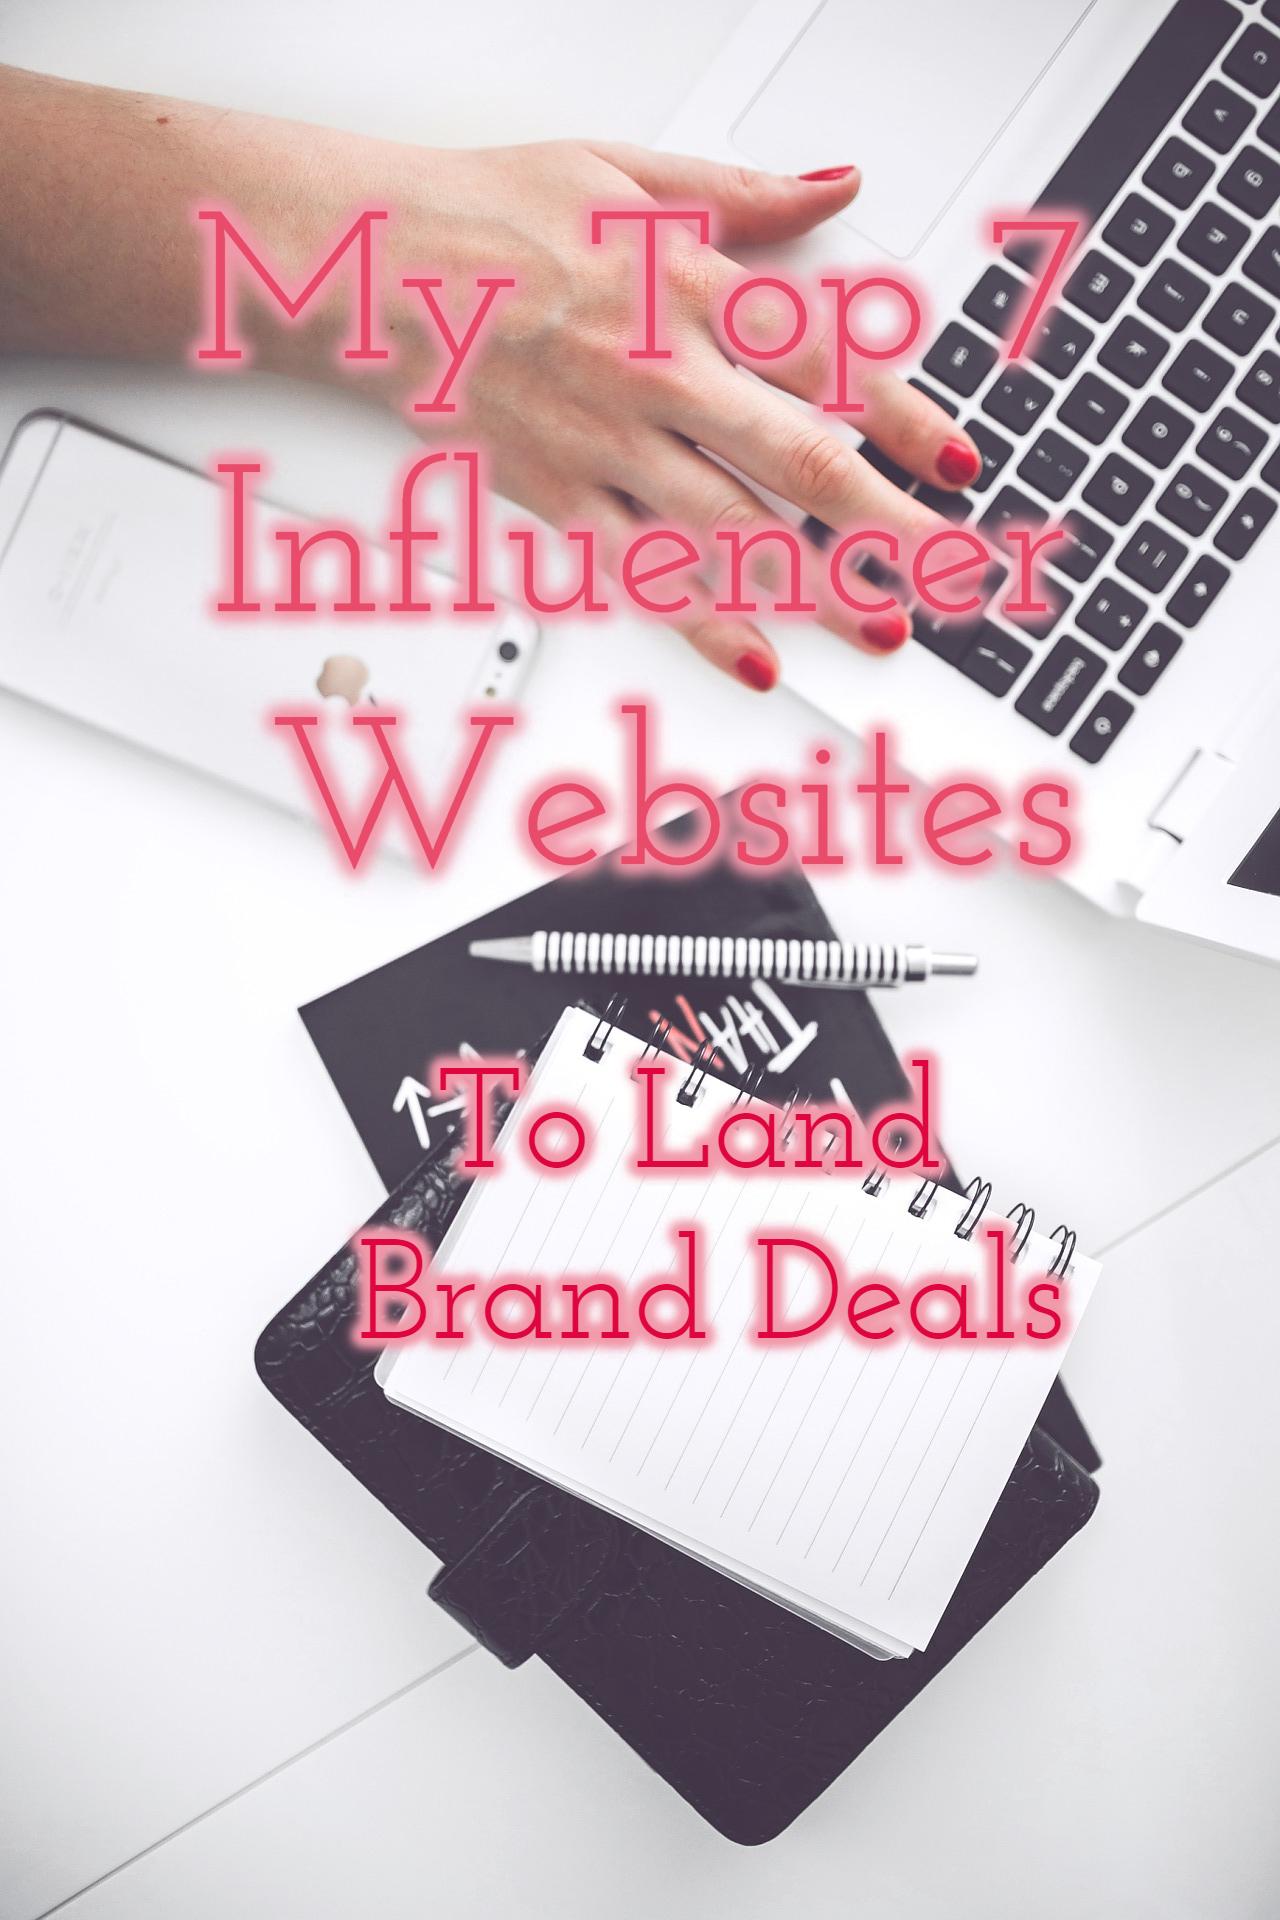 Top Influencer Websites